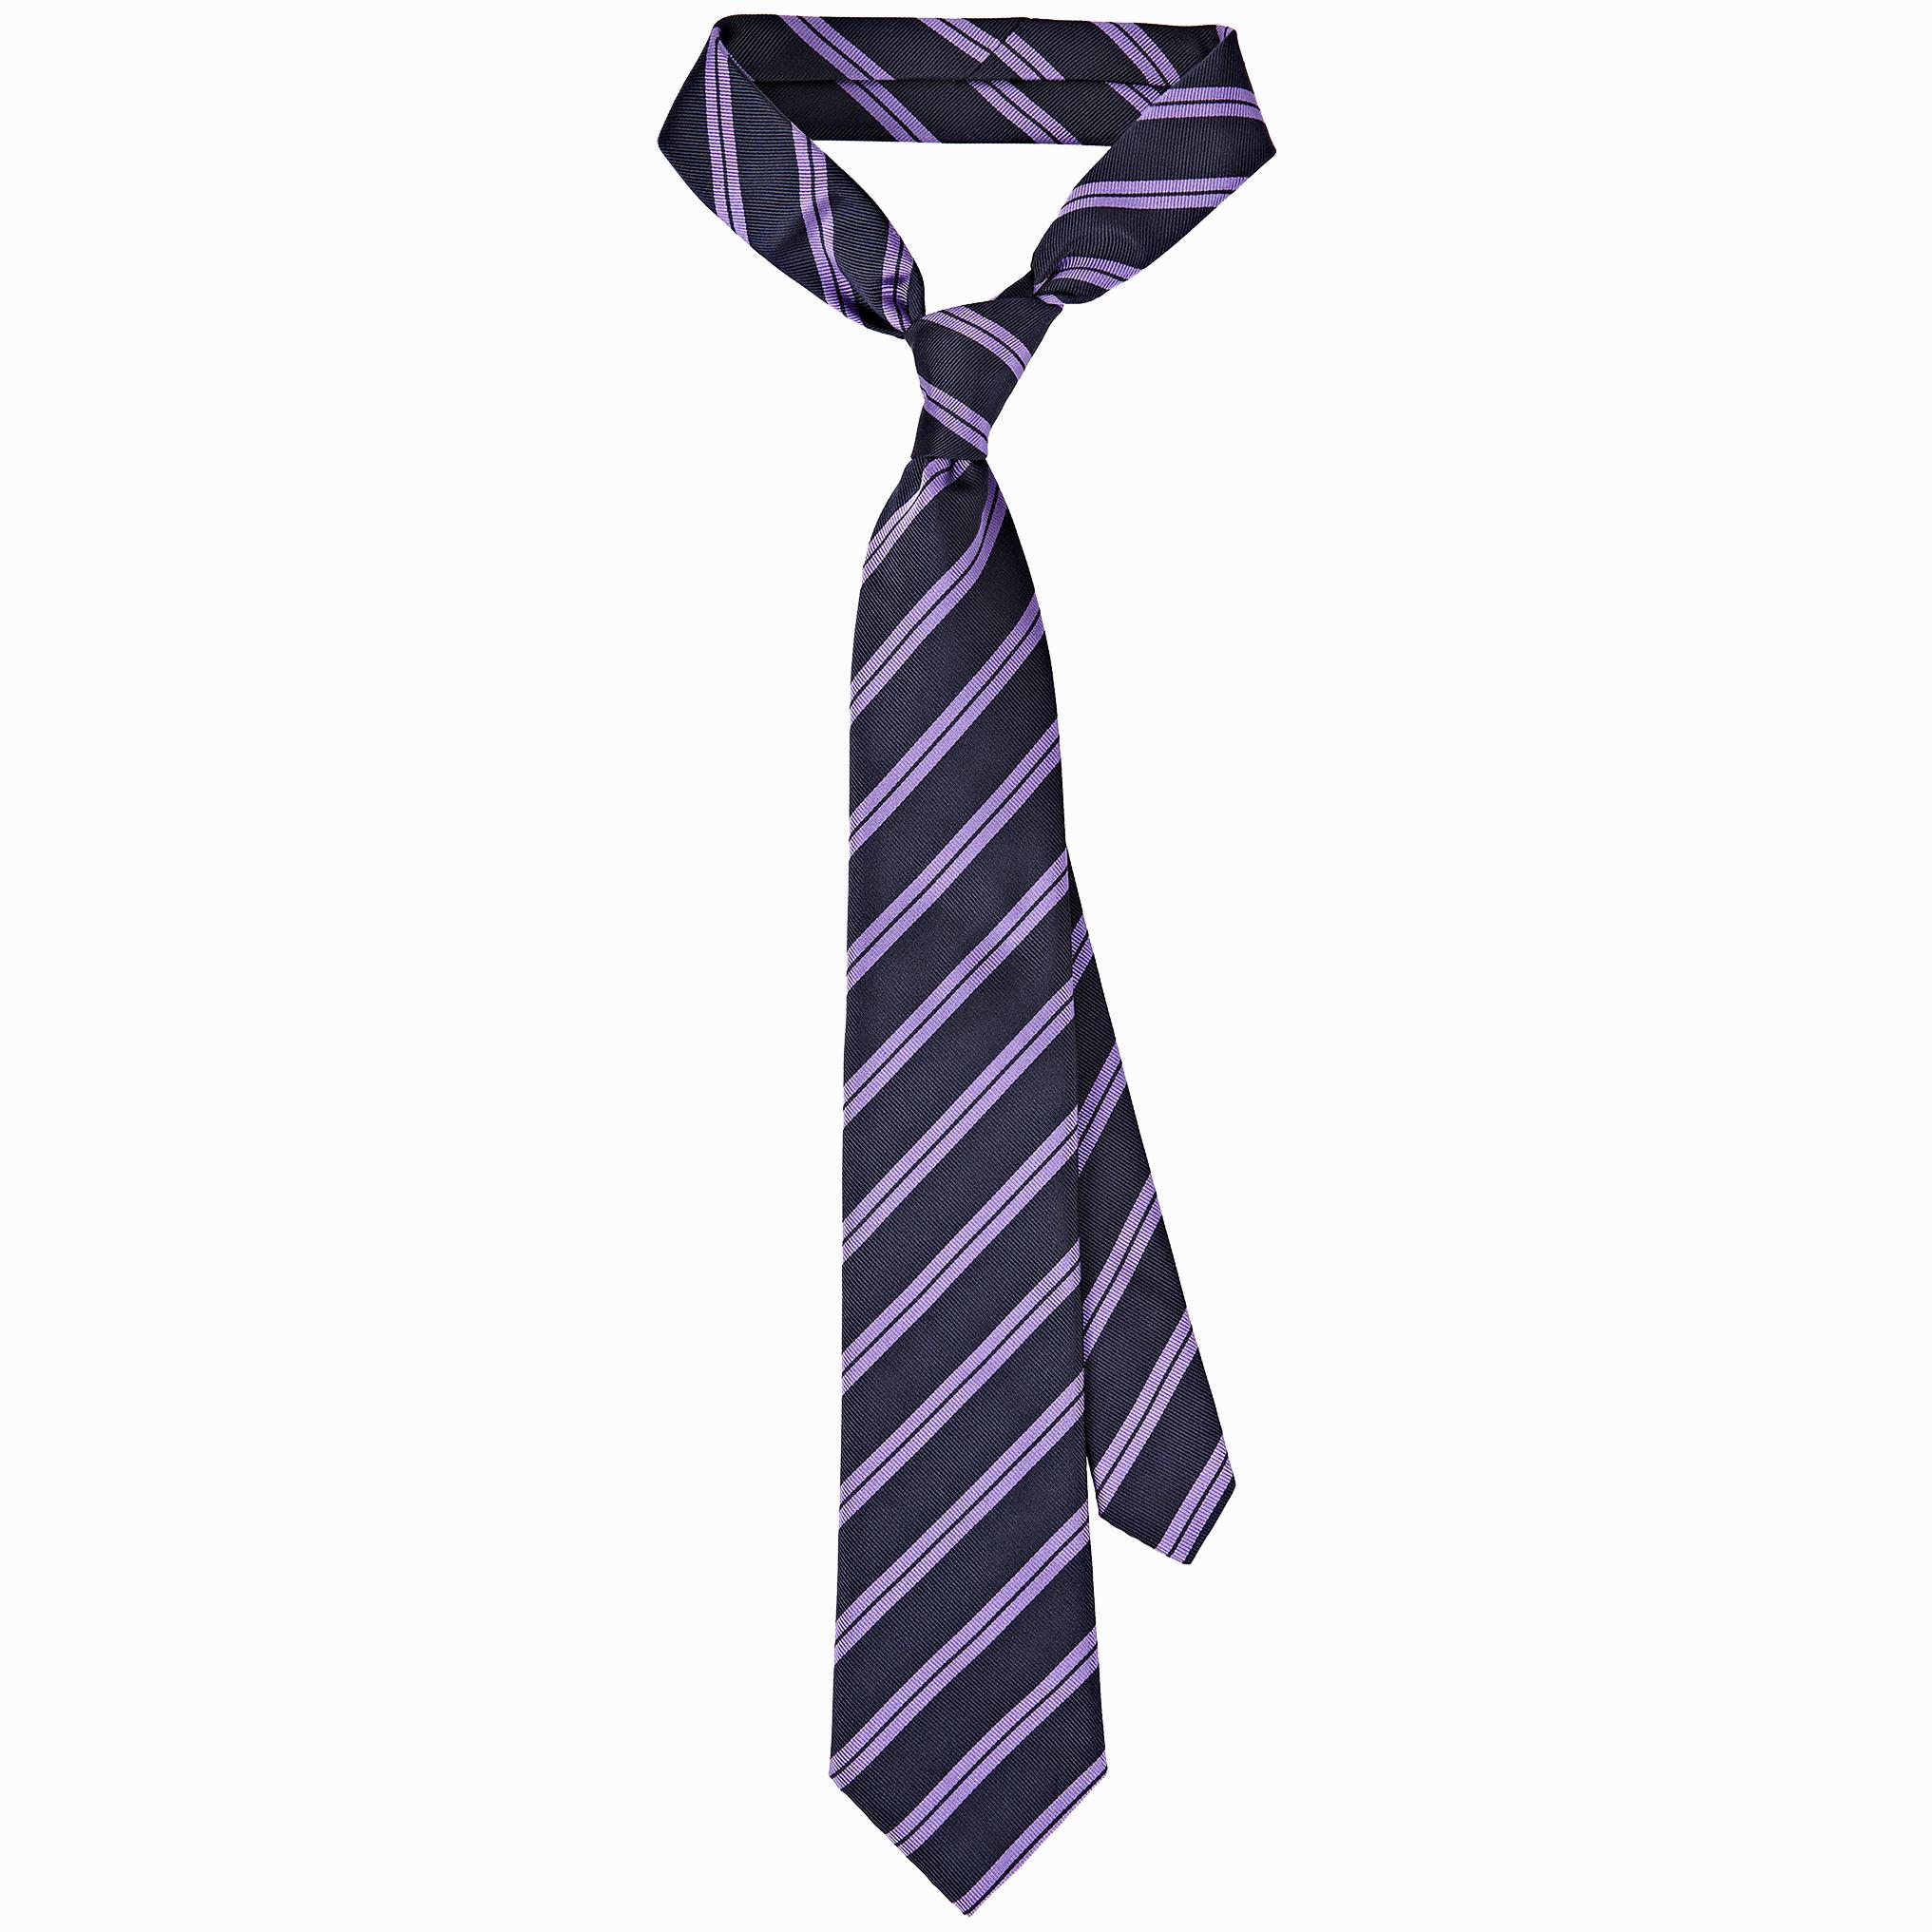 15_Tie_Truscott Stripe_Navy Purple.jpg